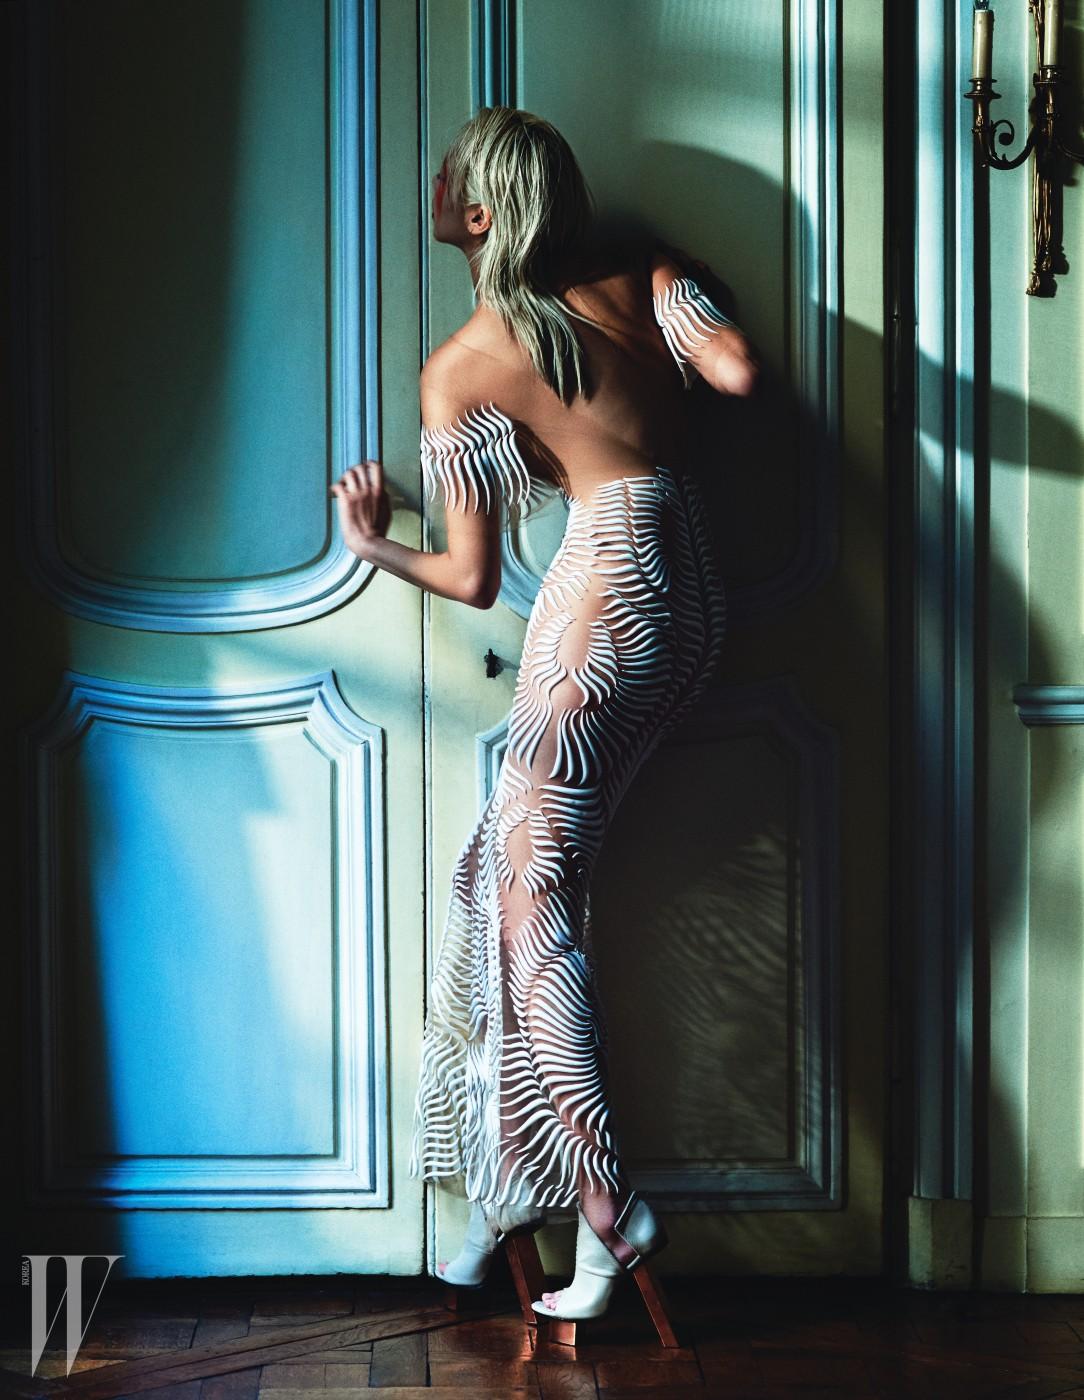 그래픽 시스루 드레스, 조형적인 슈즈는 Iris van Herpen Haute Couture 제품.